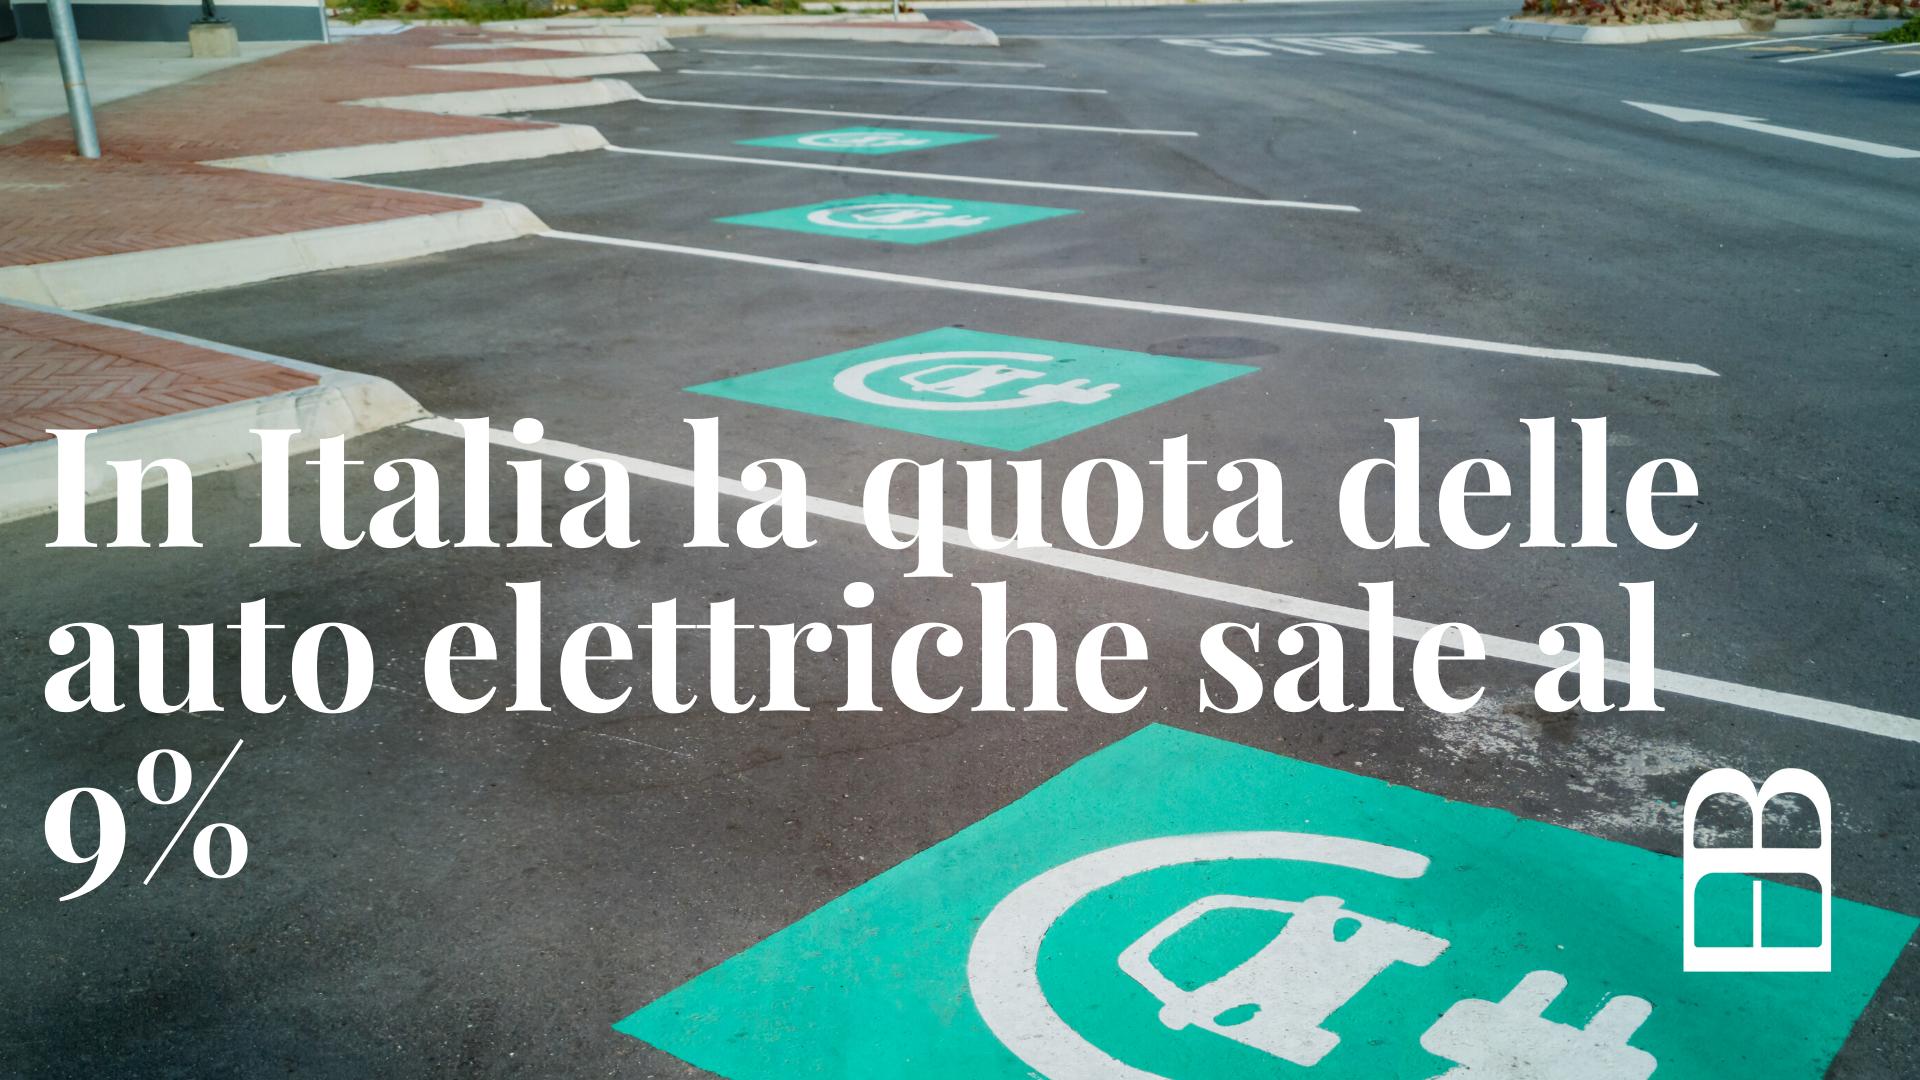 In Italia la quota delle auto elettriche sale al 9%